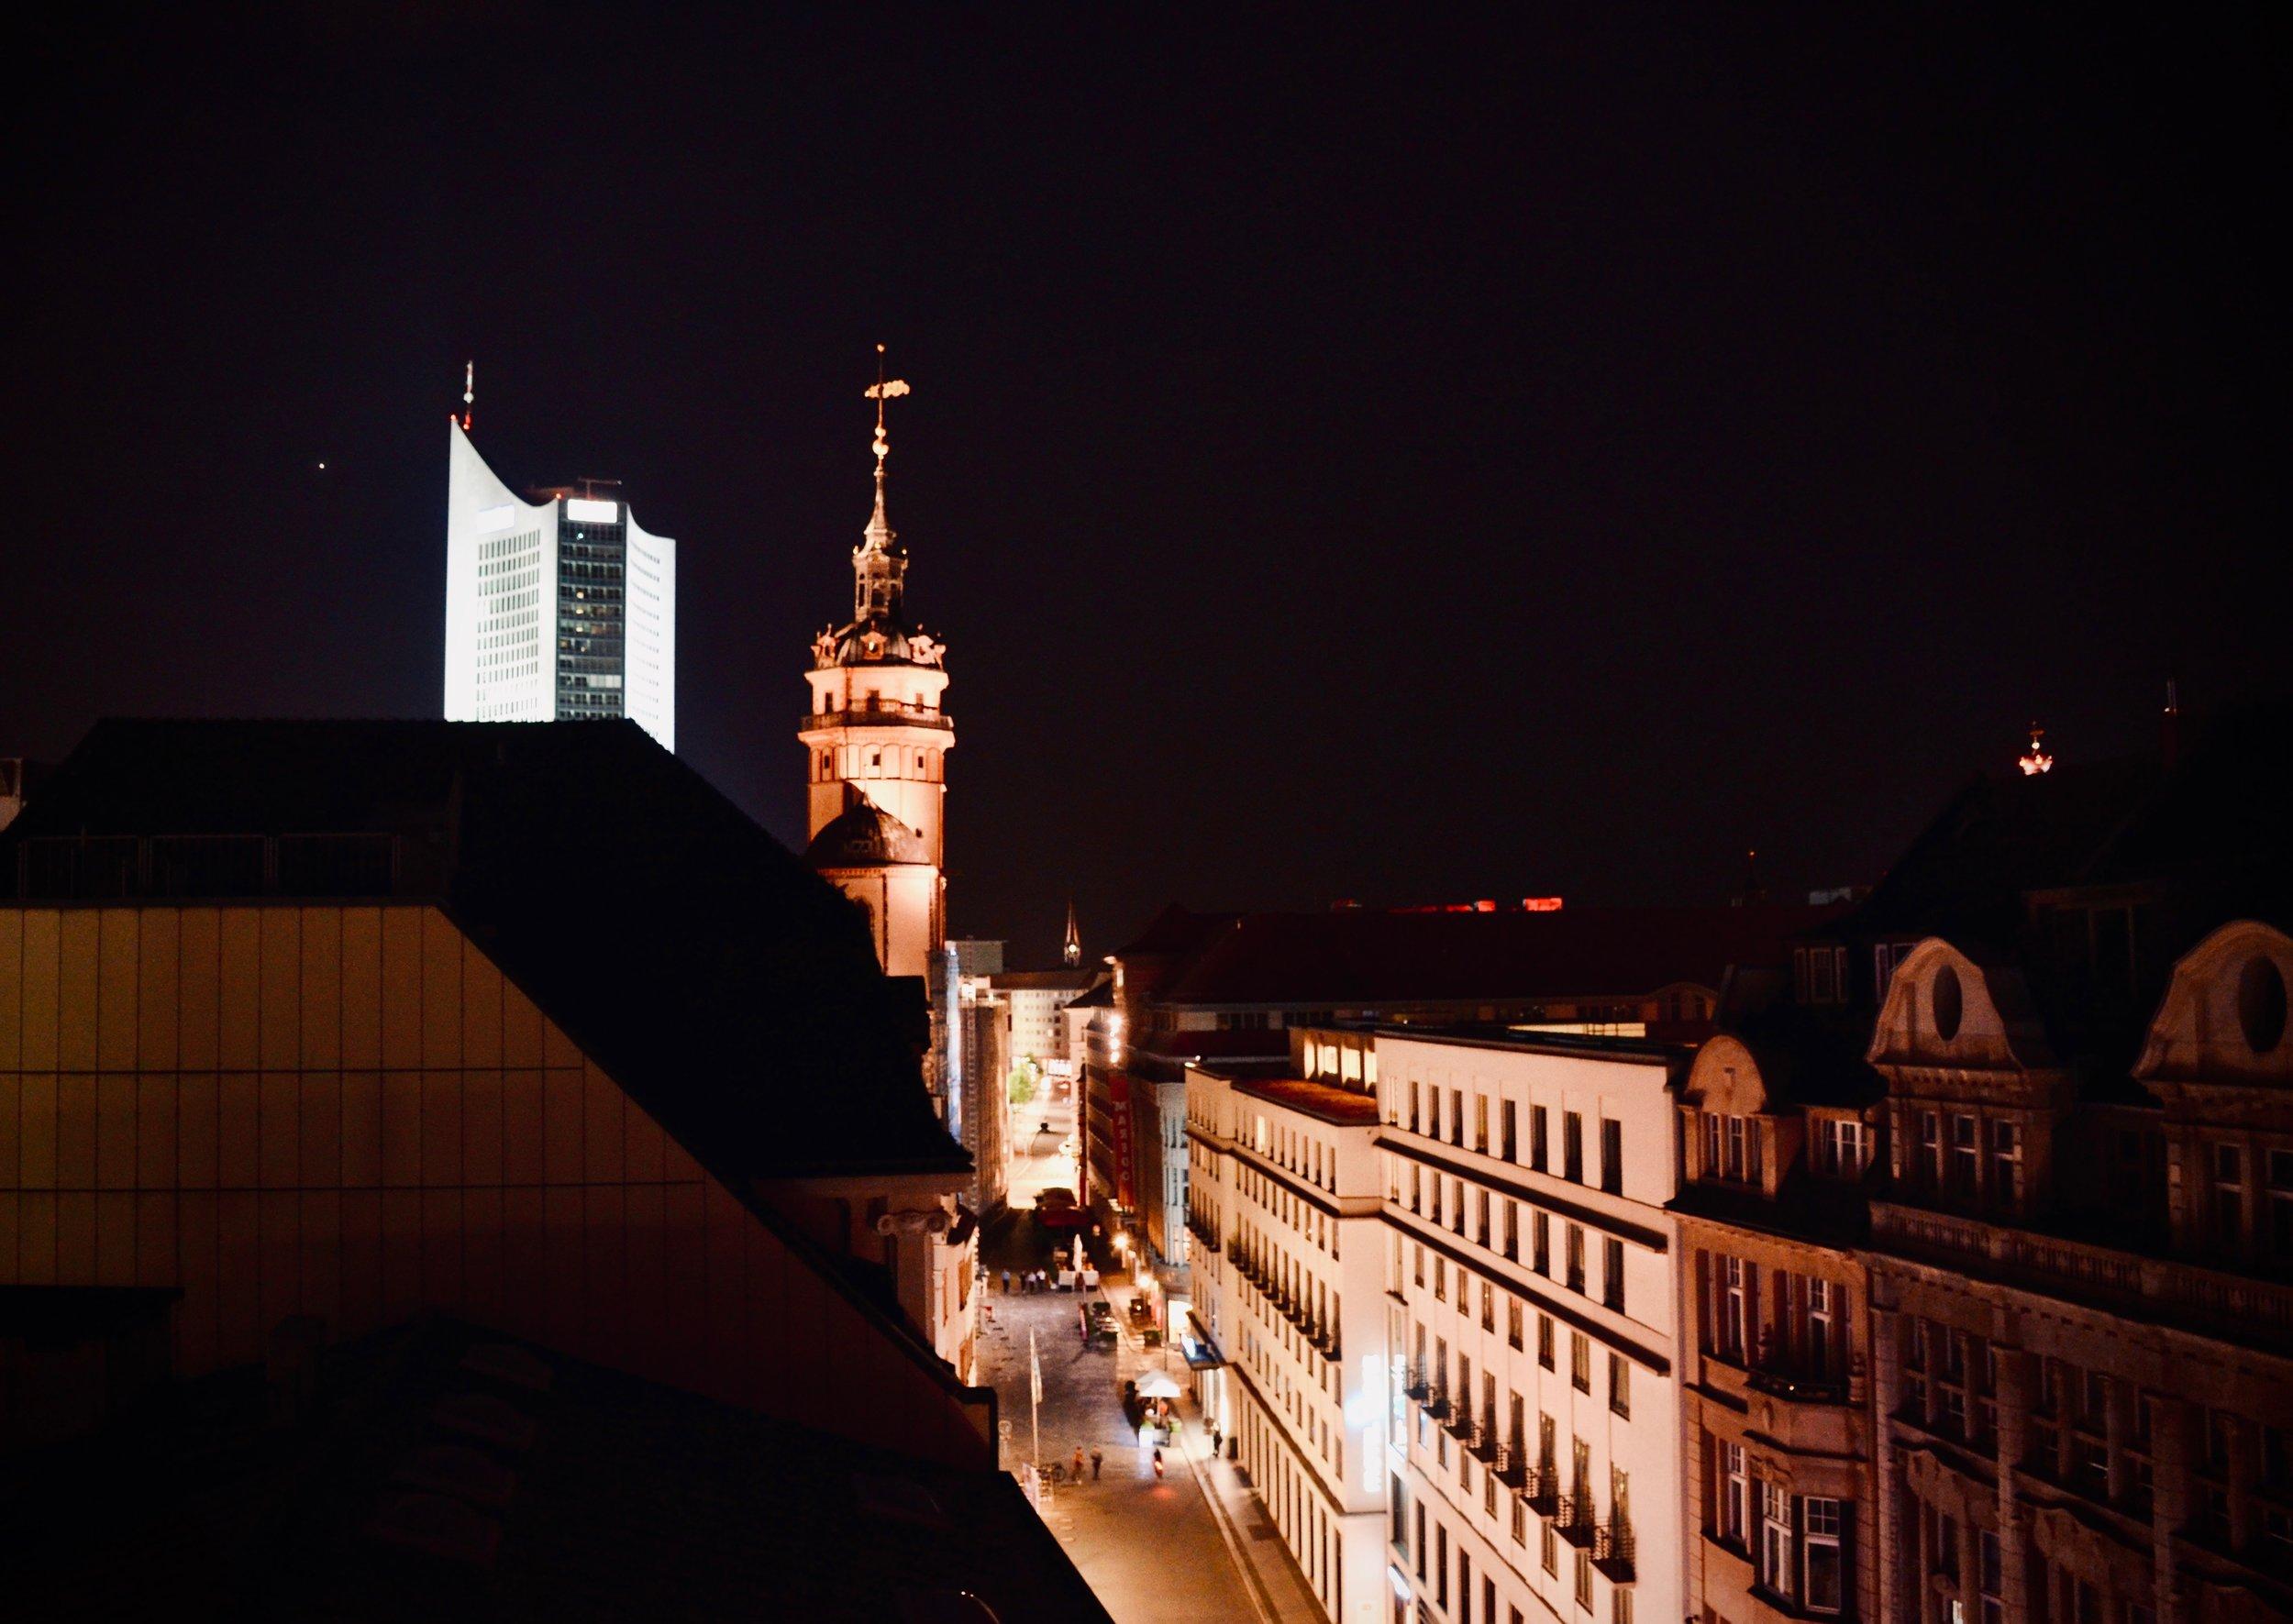 The tower of Nikolaikirche, Leipzig.